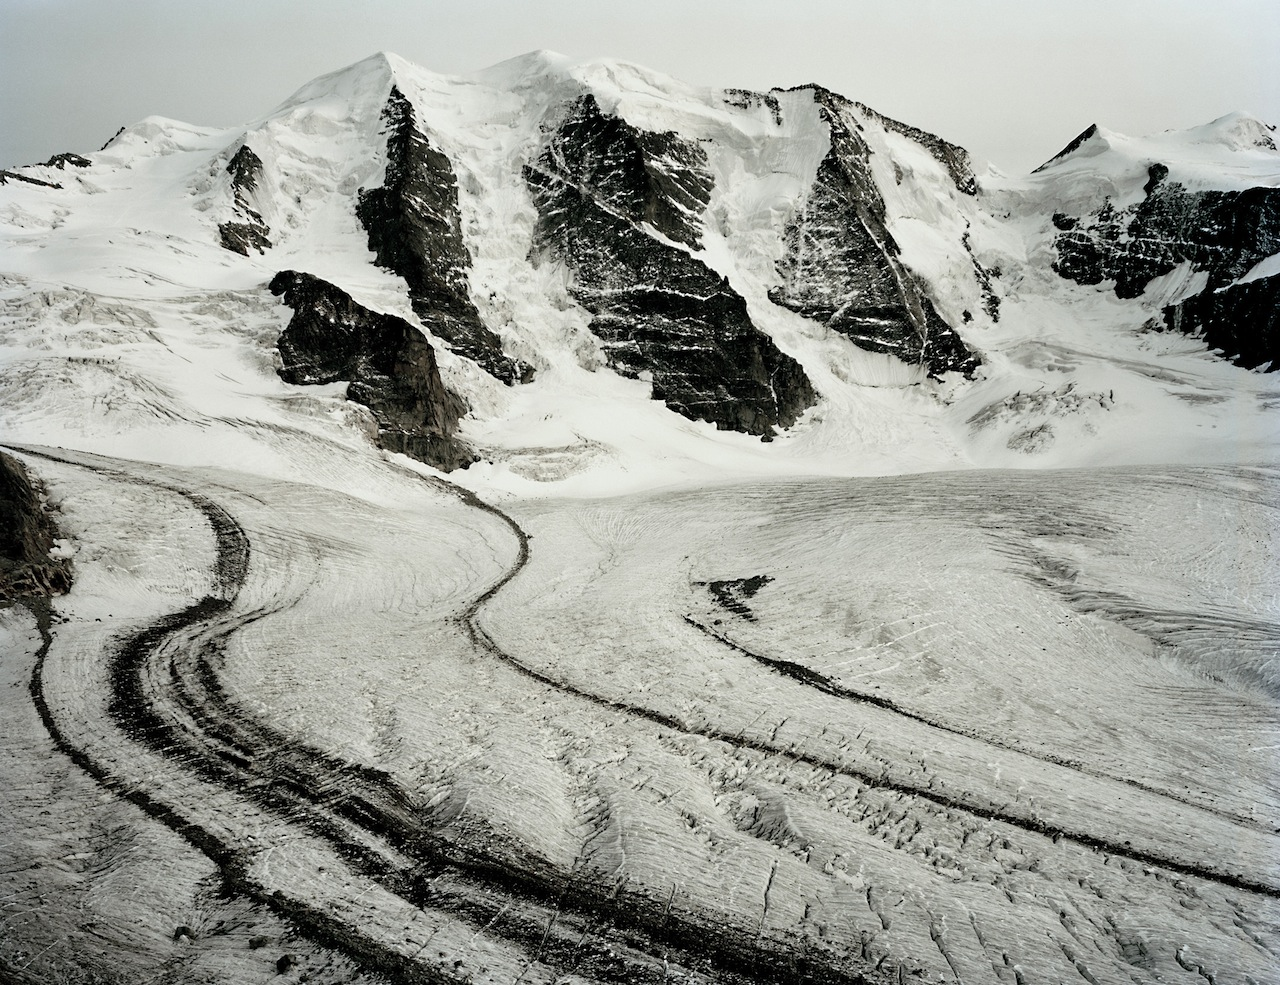 Persgletscher, Switzerland, 2010 (© Olaf Unverzart)